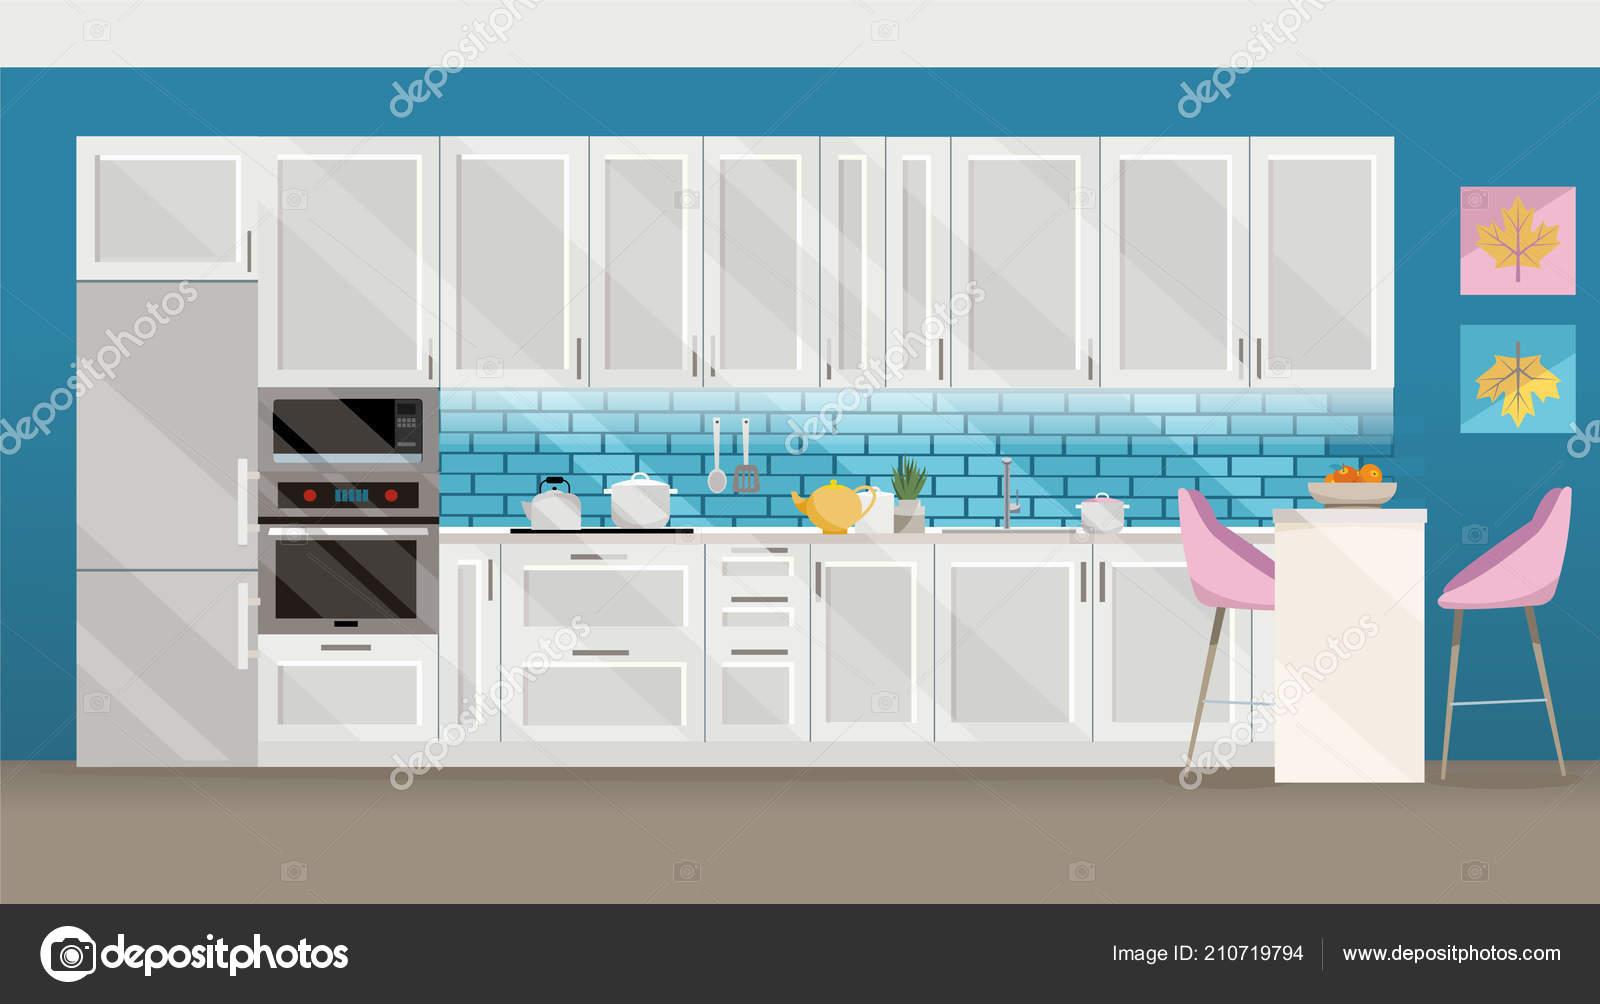 Wohnung Modern Interior Küche Zimmer Im Türkistöne. Küchenutensilien Und  Geräten In Den Hintergrund Kacheln